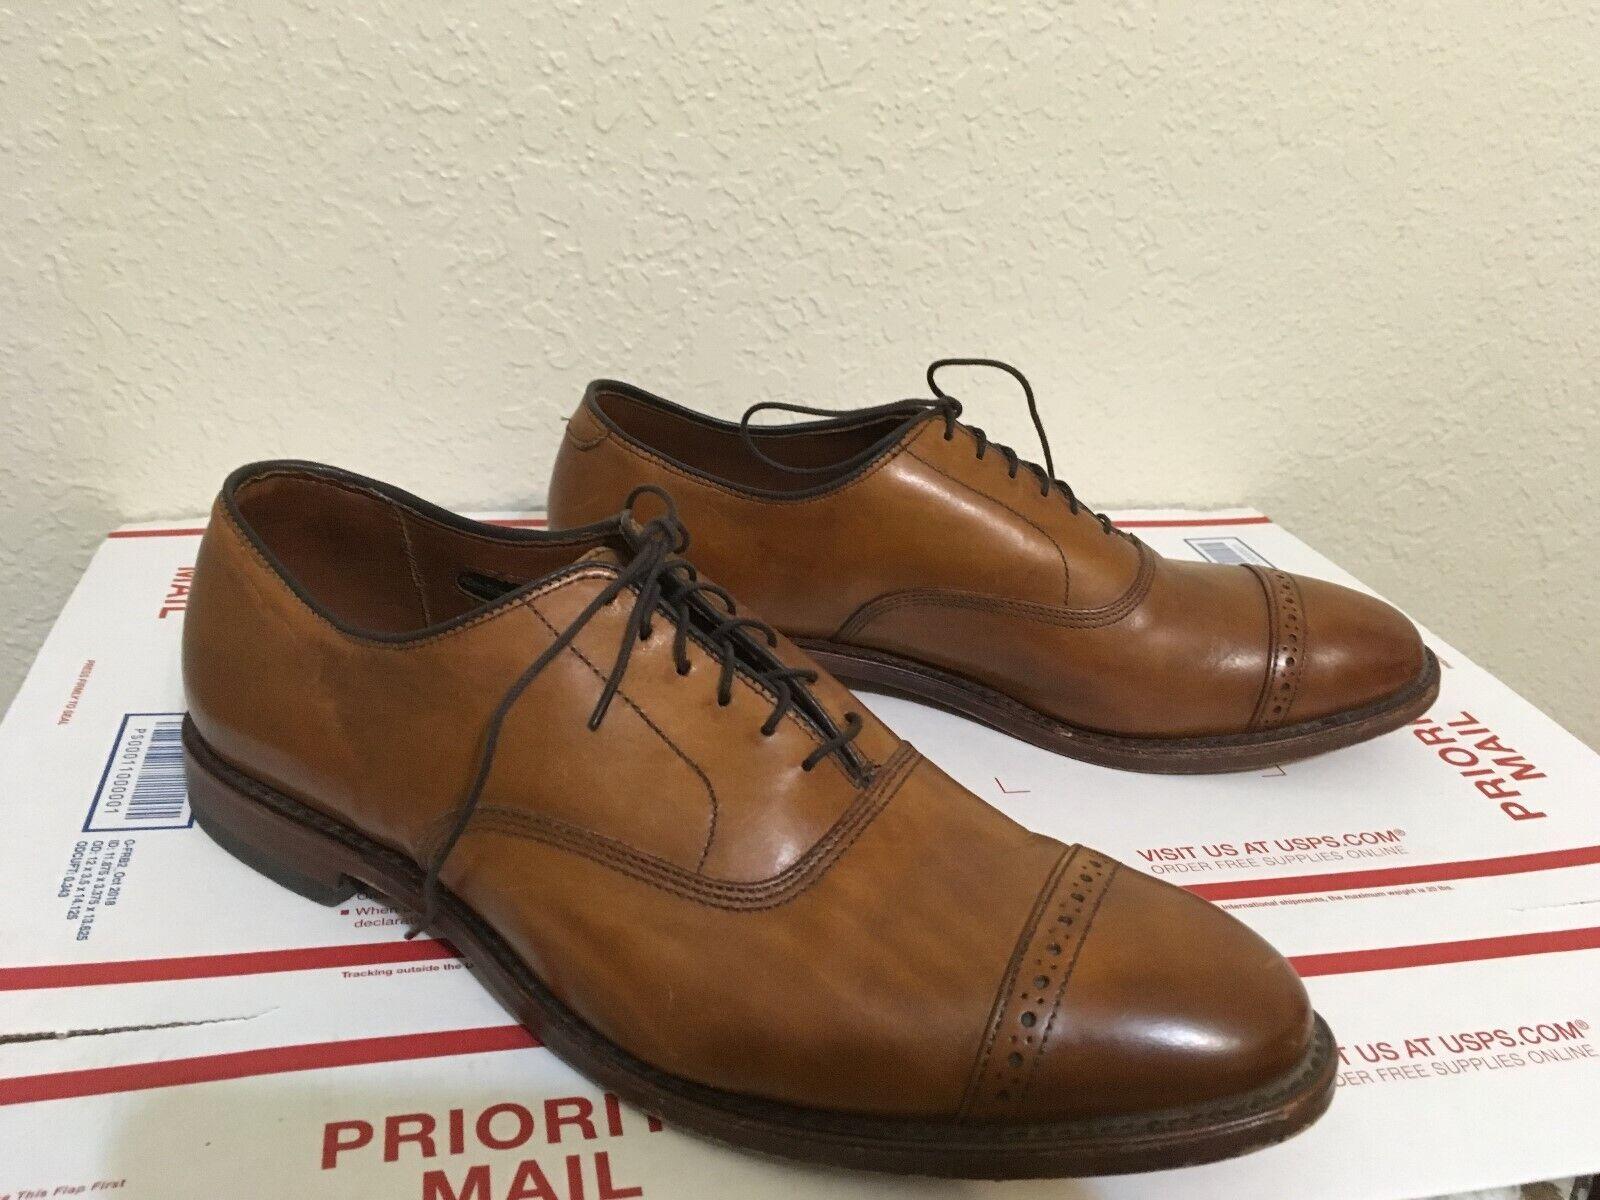 ALLEN EDMONDS FIFTH AVENUE Marrón Zapatos de negocios de alimentación Vintage 11C